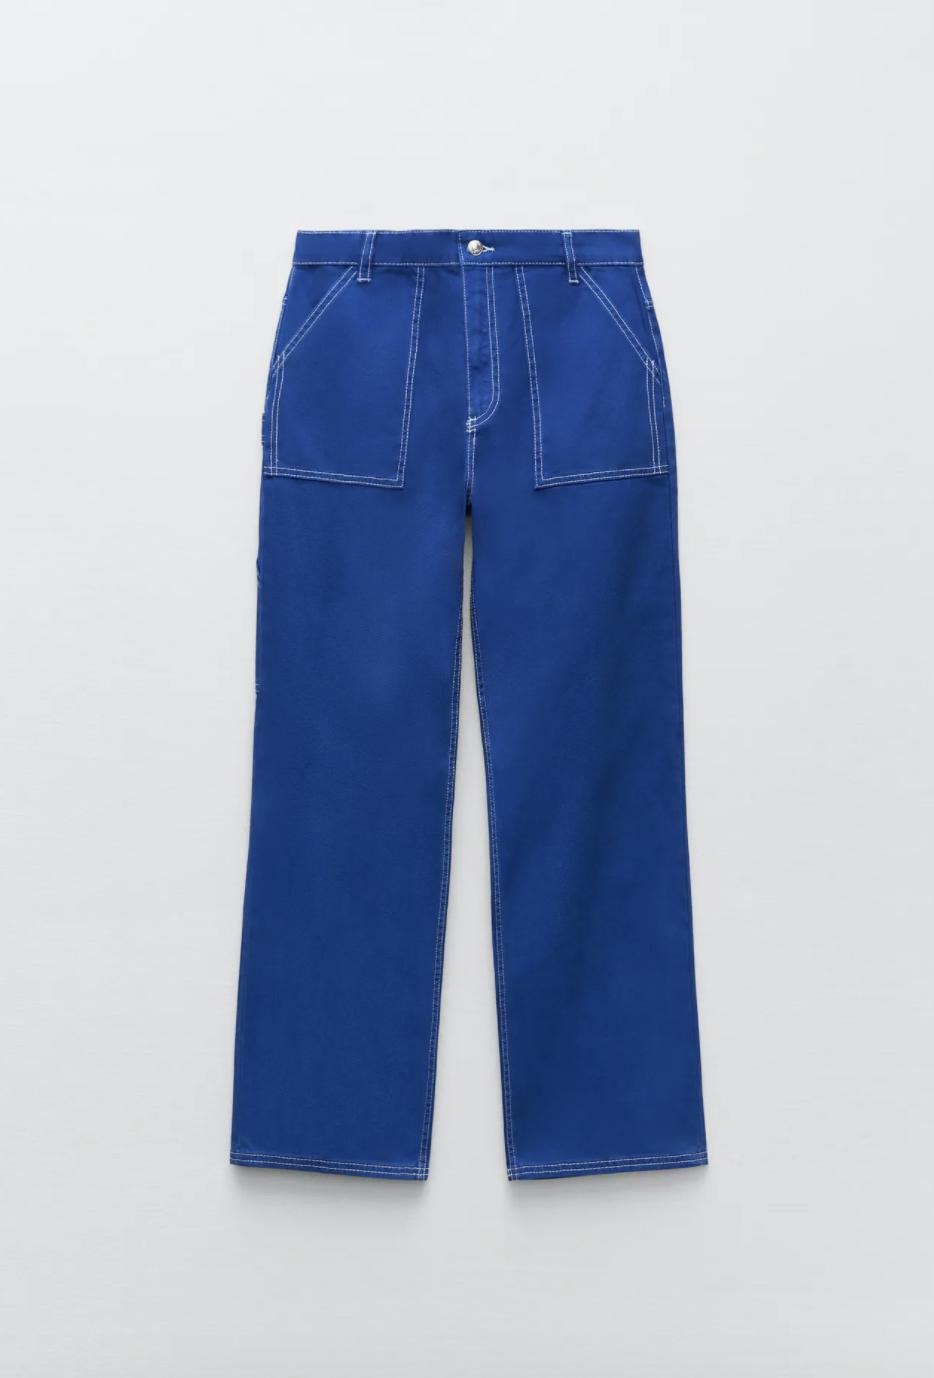 Pantalón cargo azulón de Zara